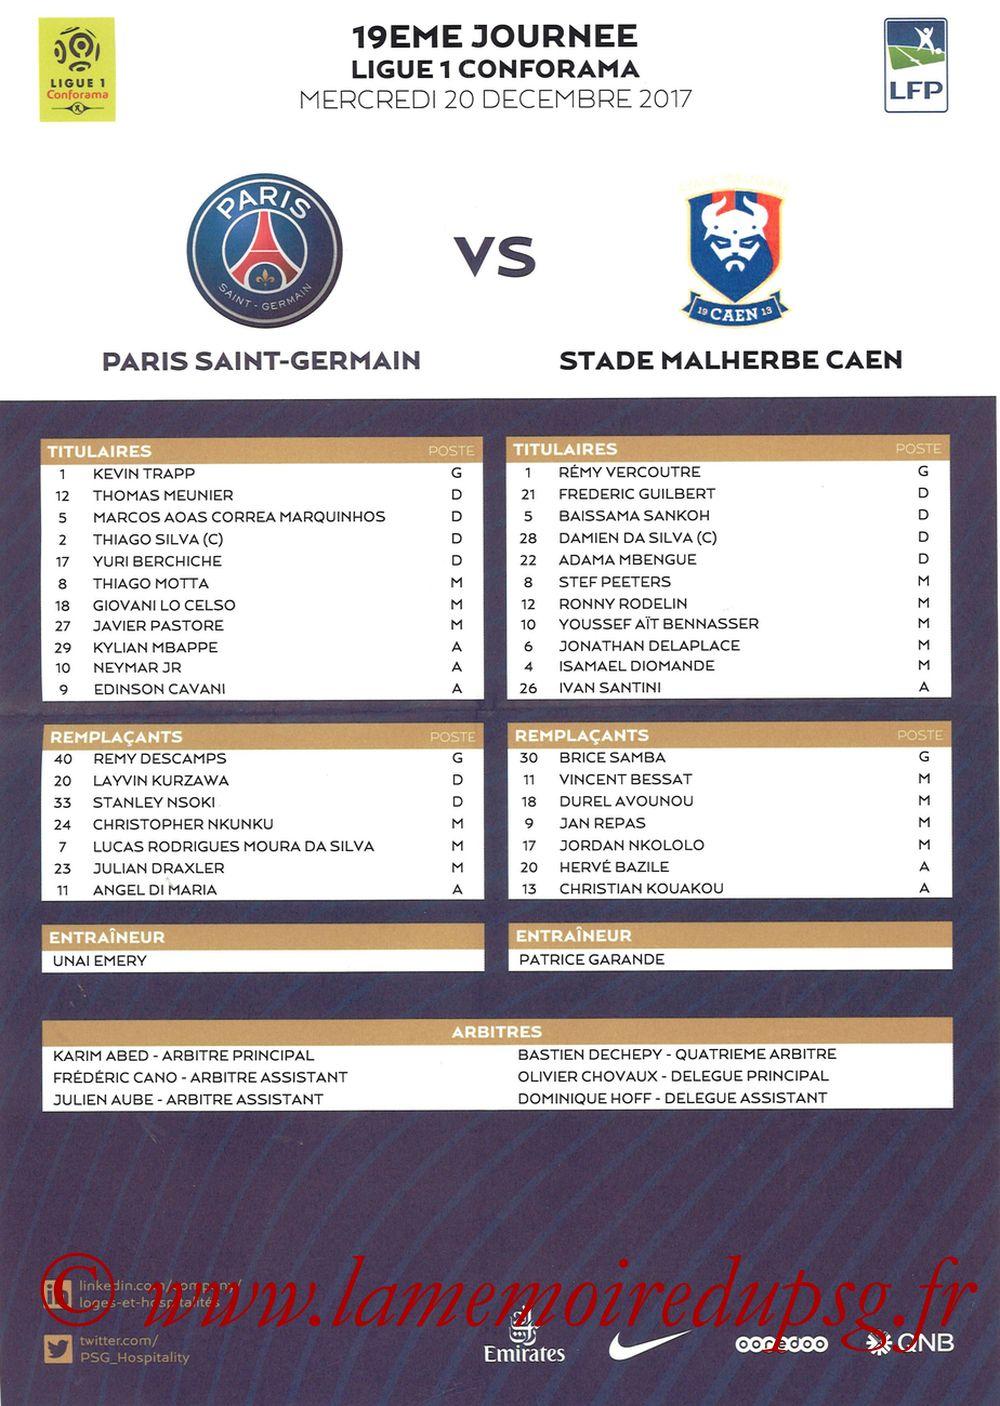 2017-12-20  PSG-Caen (19ème L1, Feuille de match)